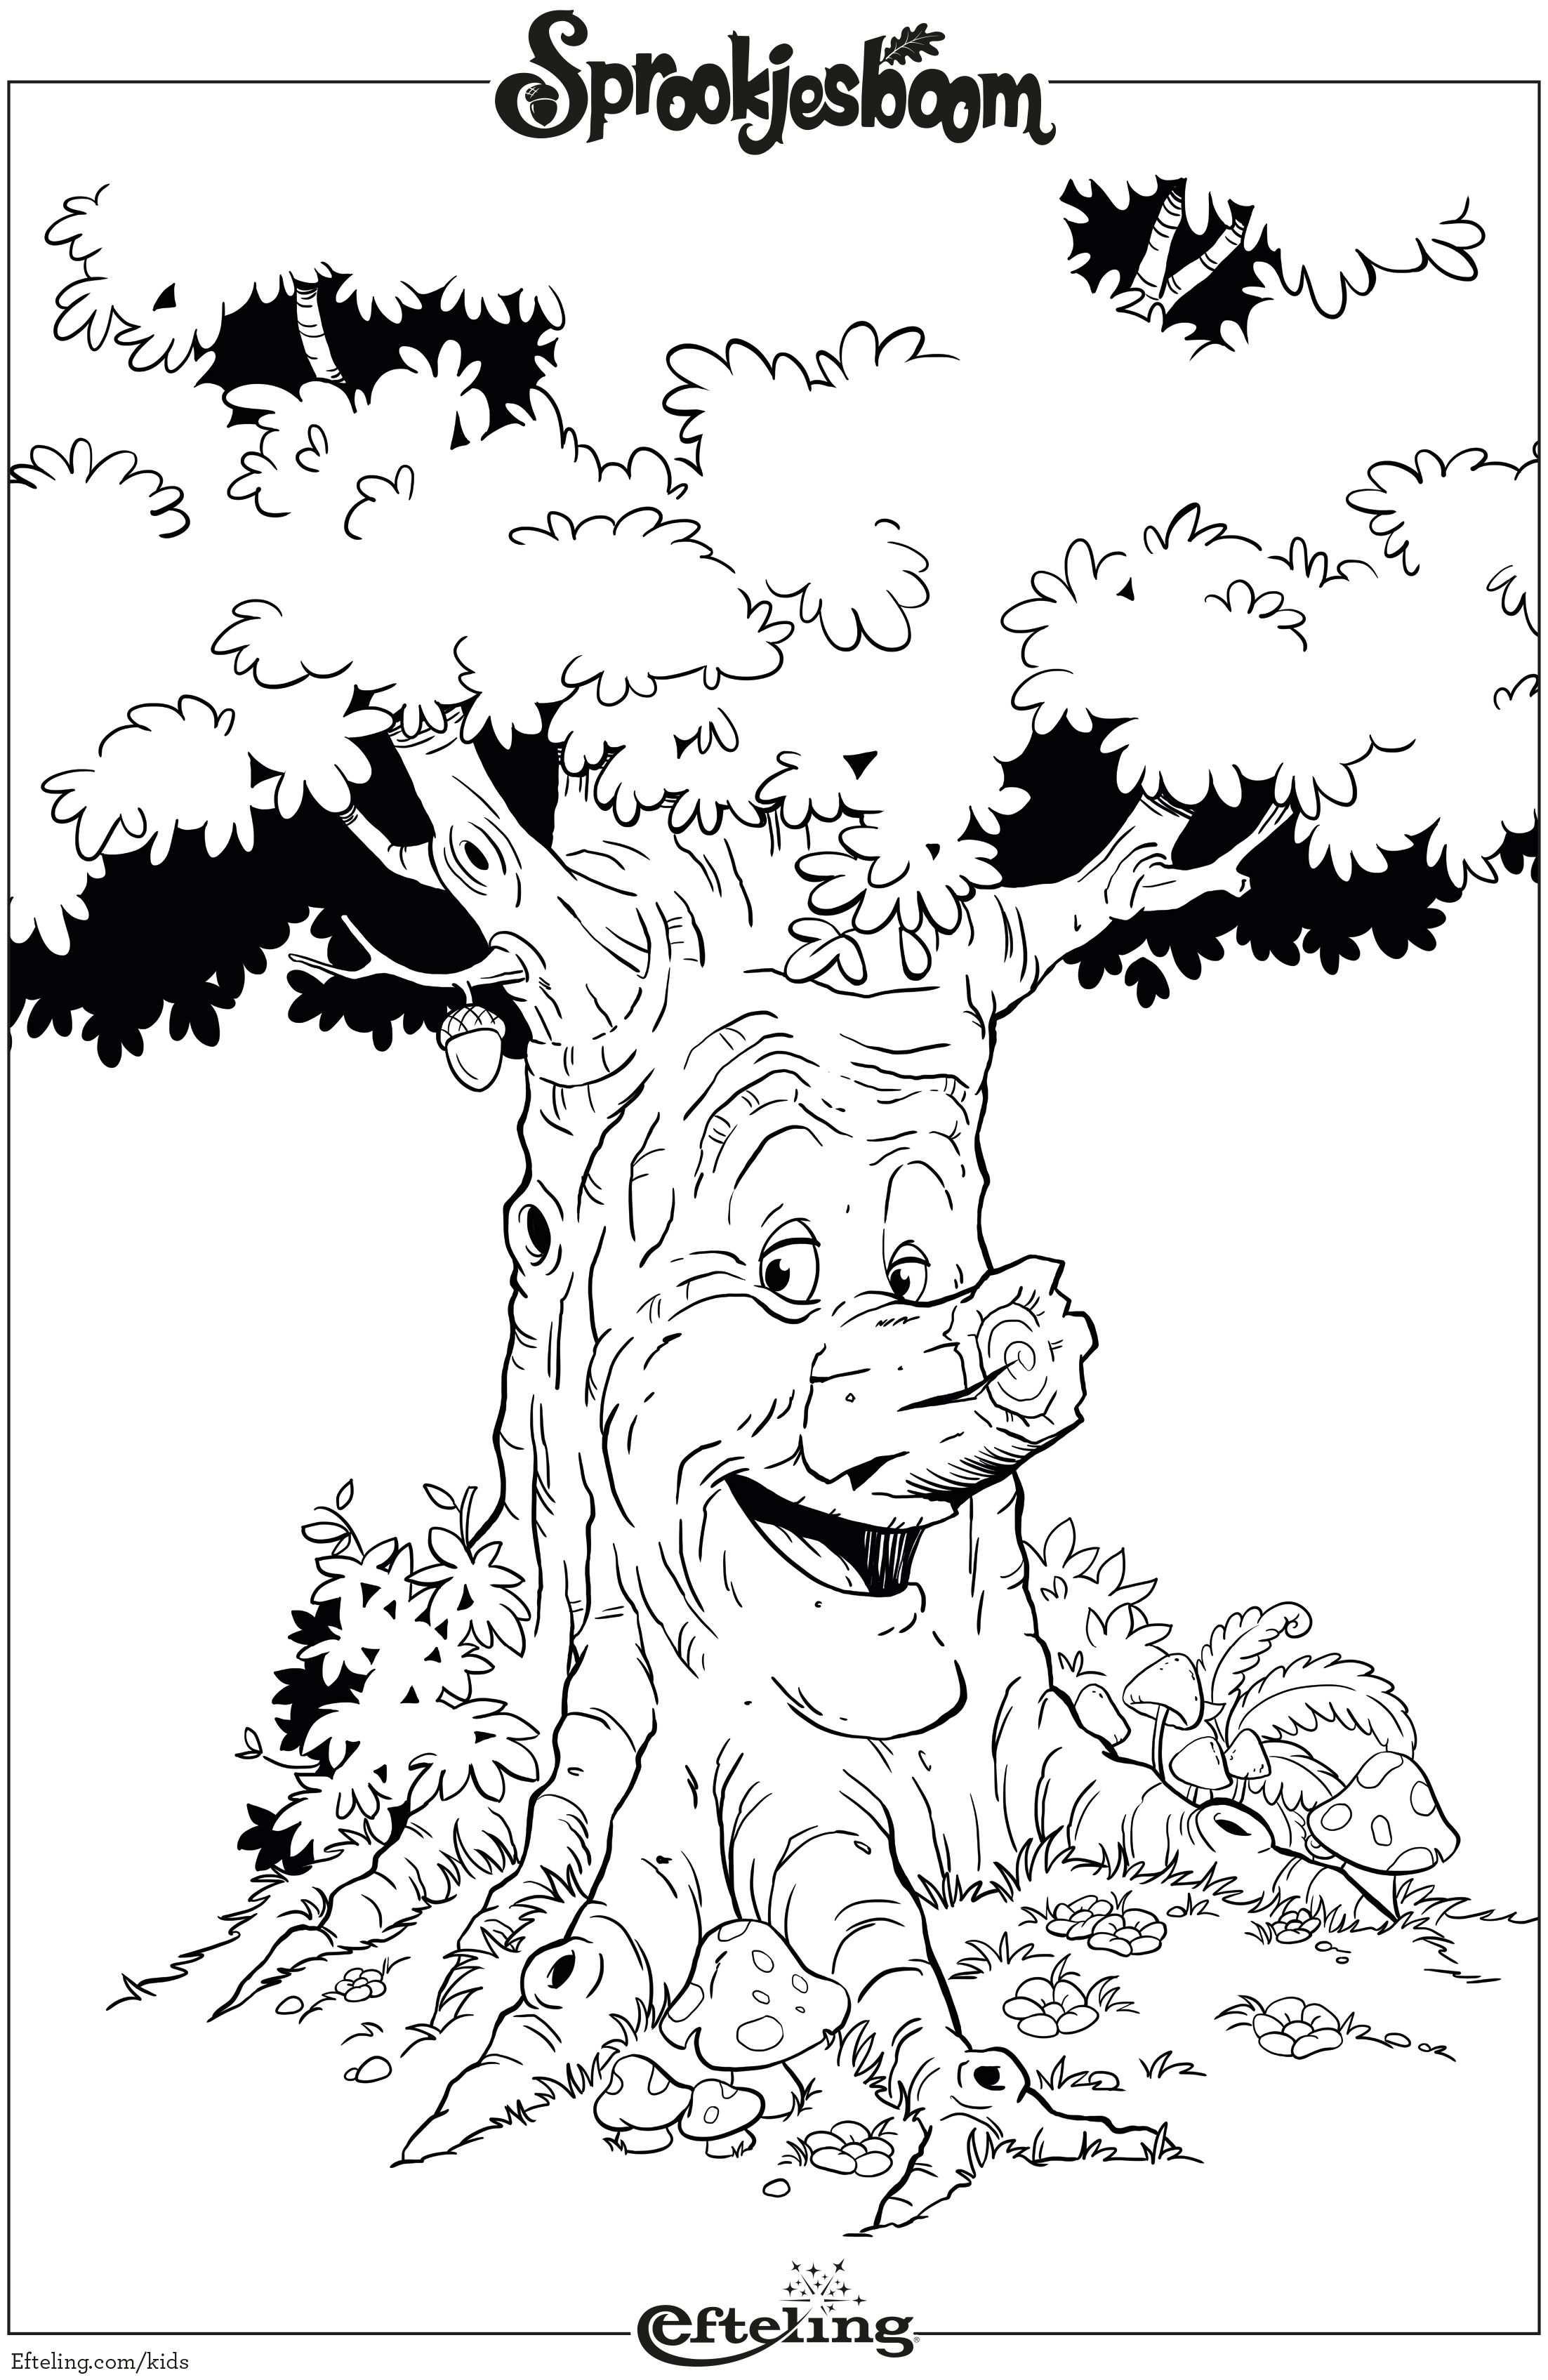 Sprookjesboom Efteling Kleurplaat Met Afbeeldingen